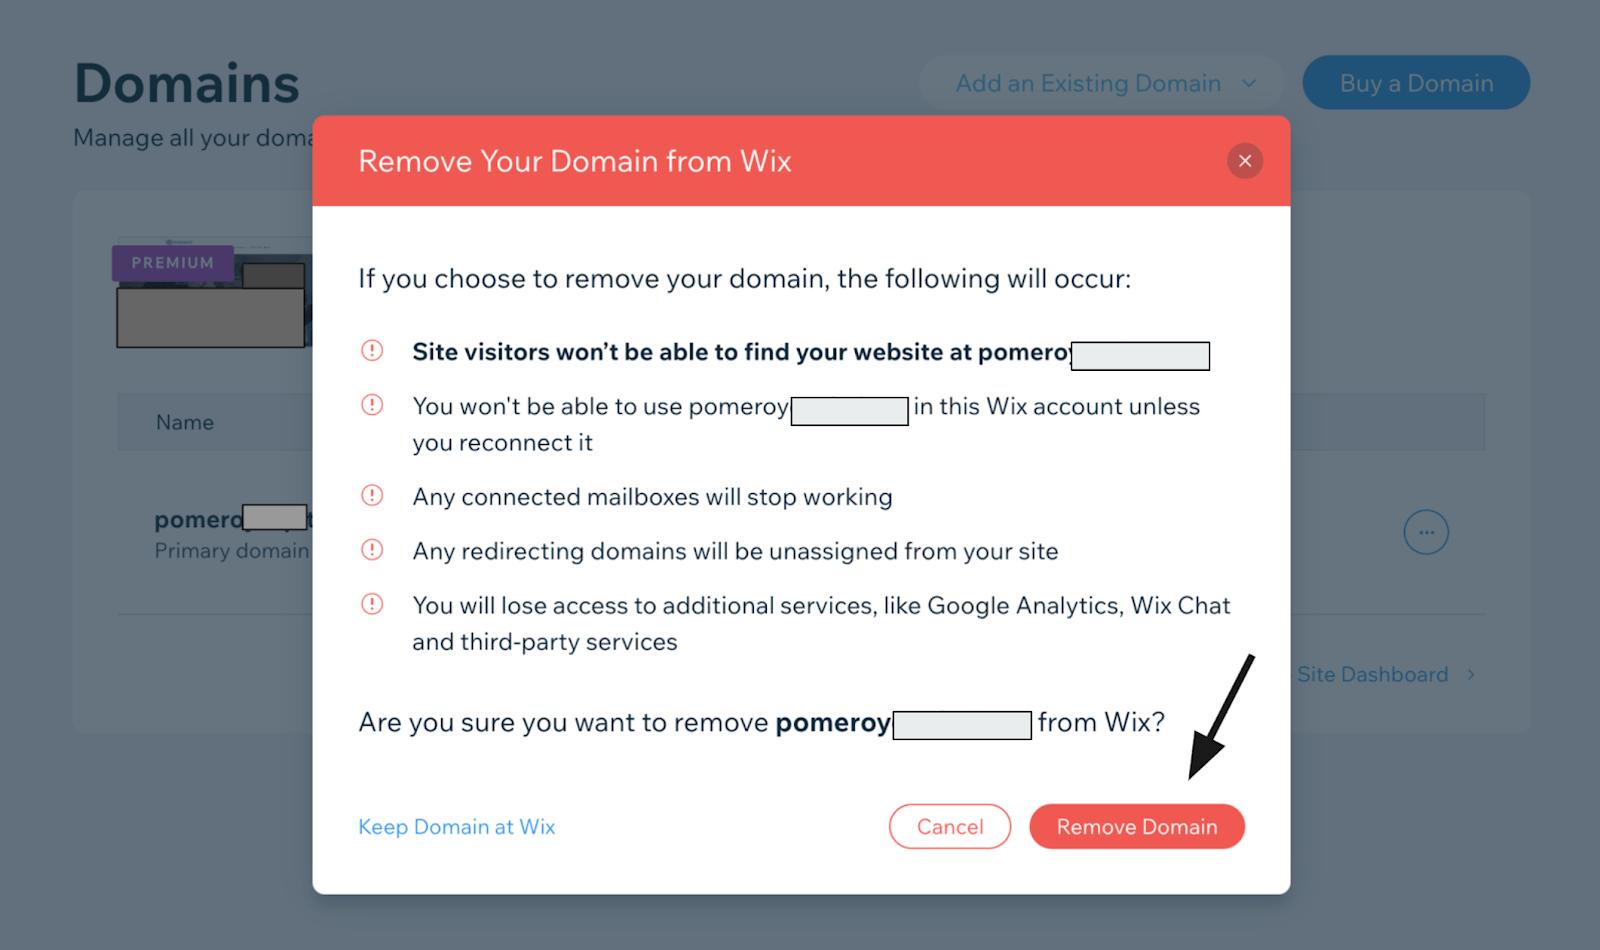 Wix - Remove Domain